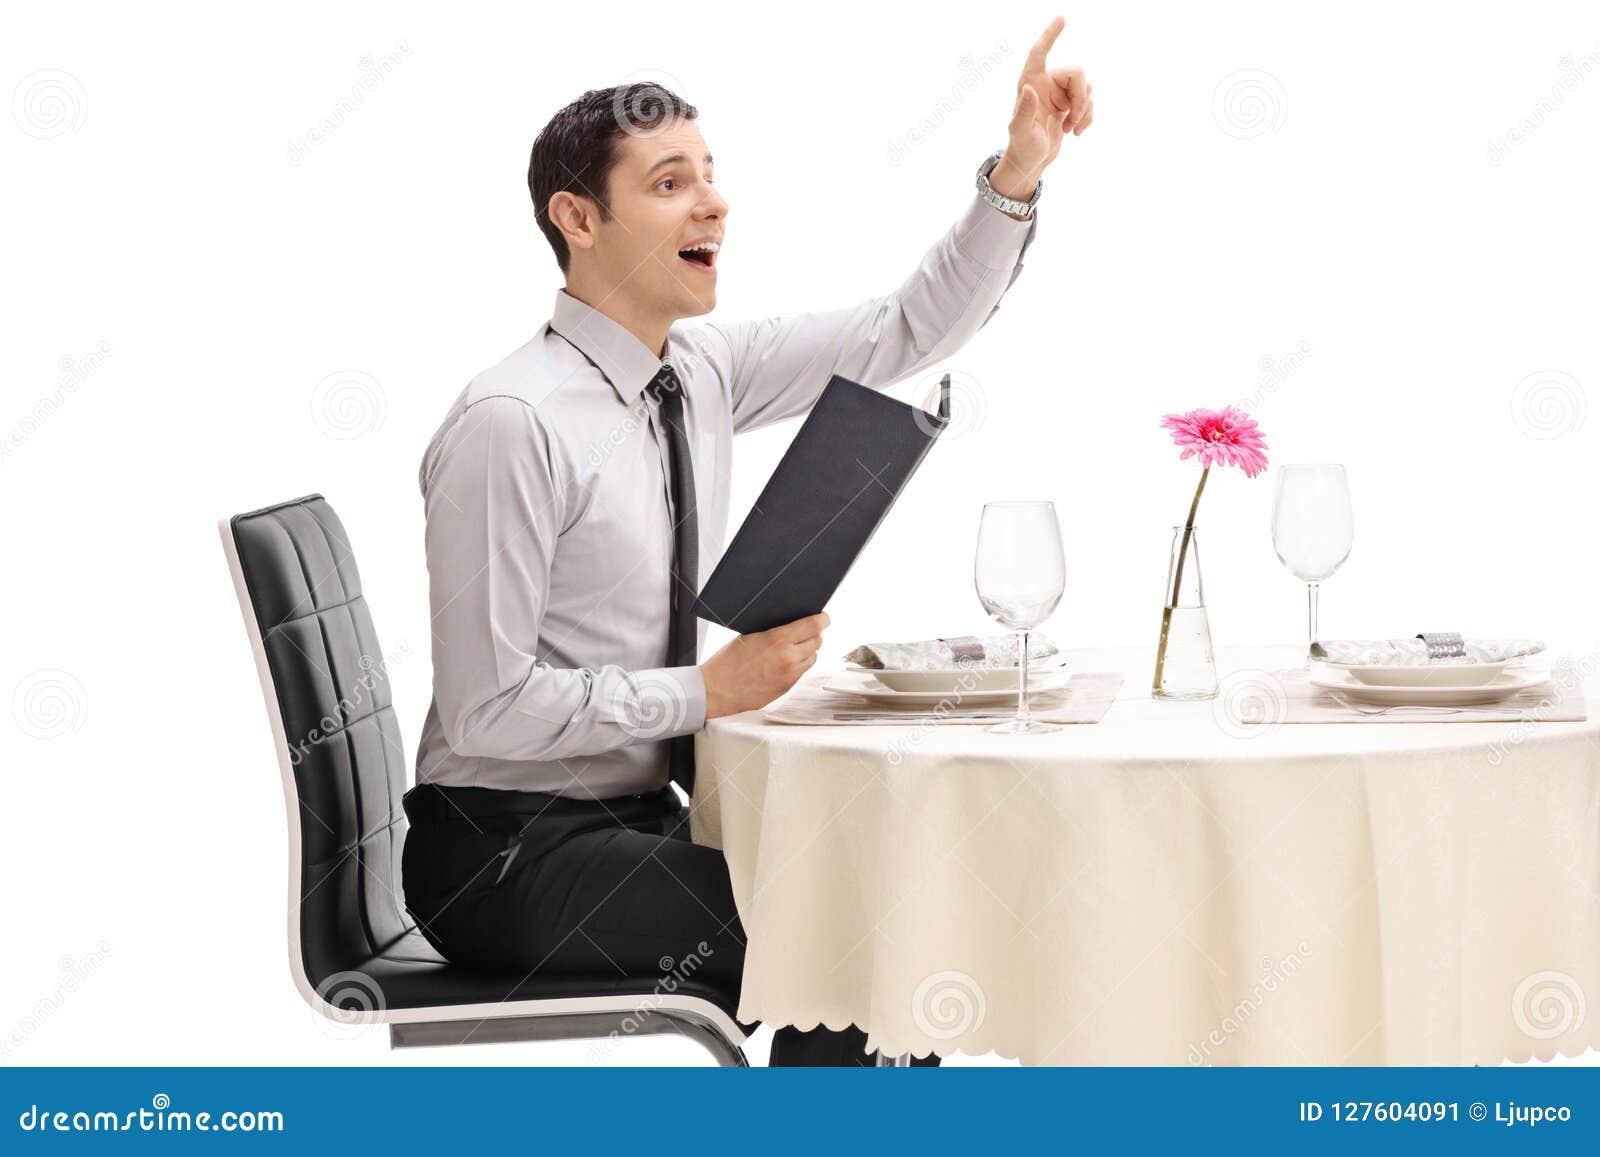 Ung man som placeras på en restaurangtabell som kallar uppassaren